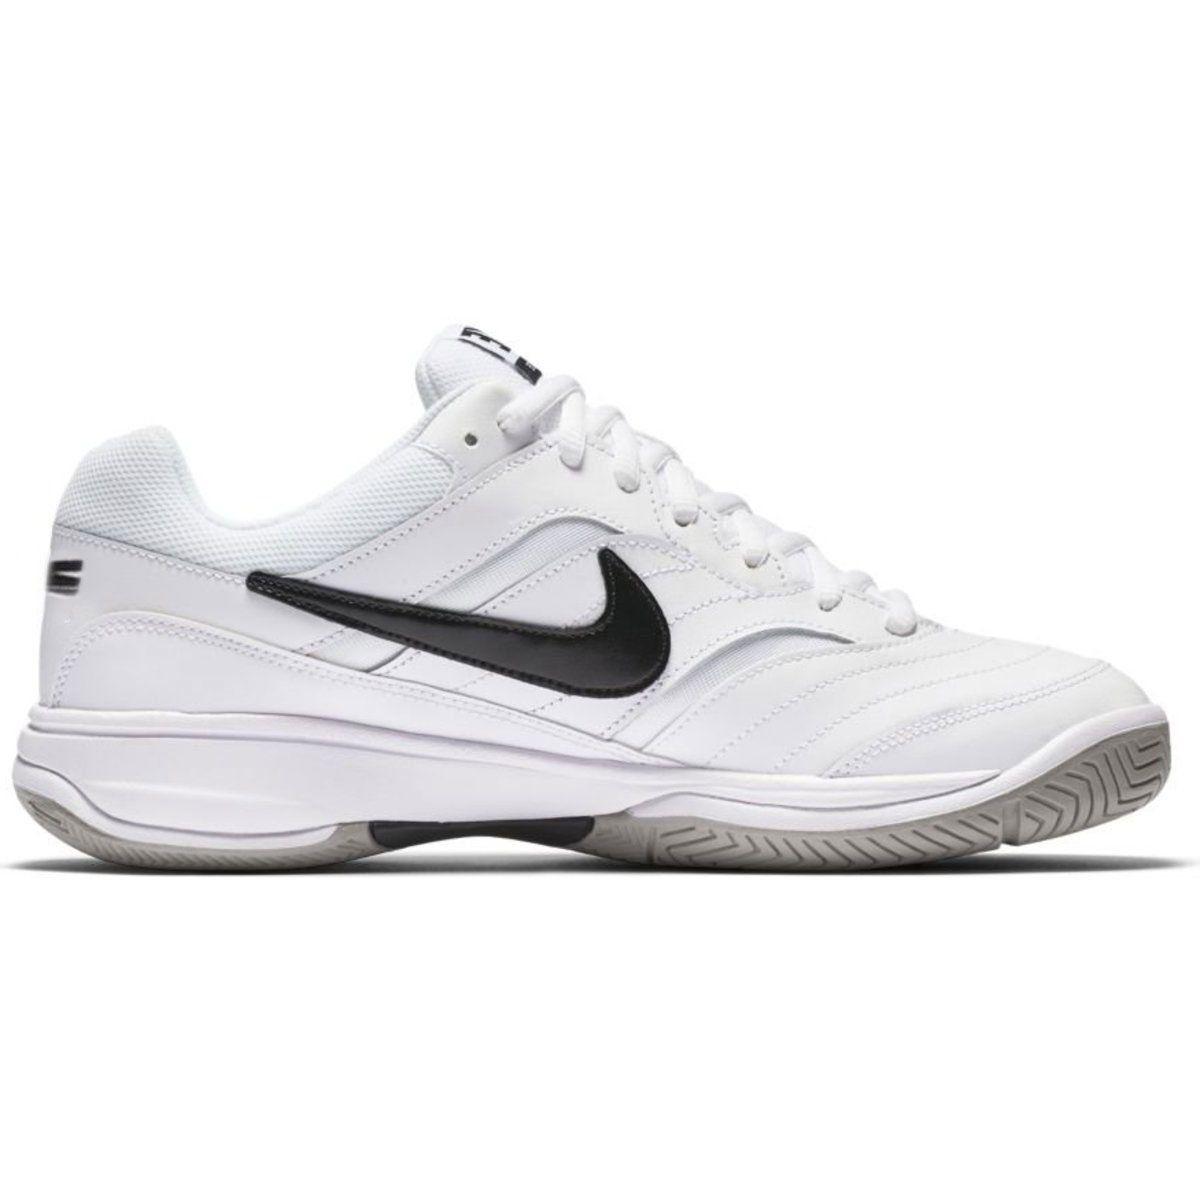 Nike Court Lite Tennis Shoe Mens Tennis Shoes Shoes Mens Shoes